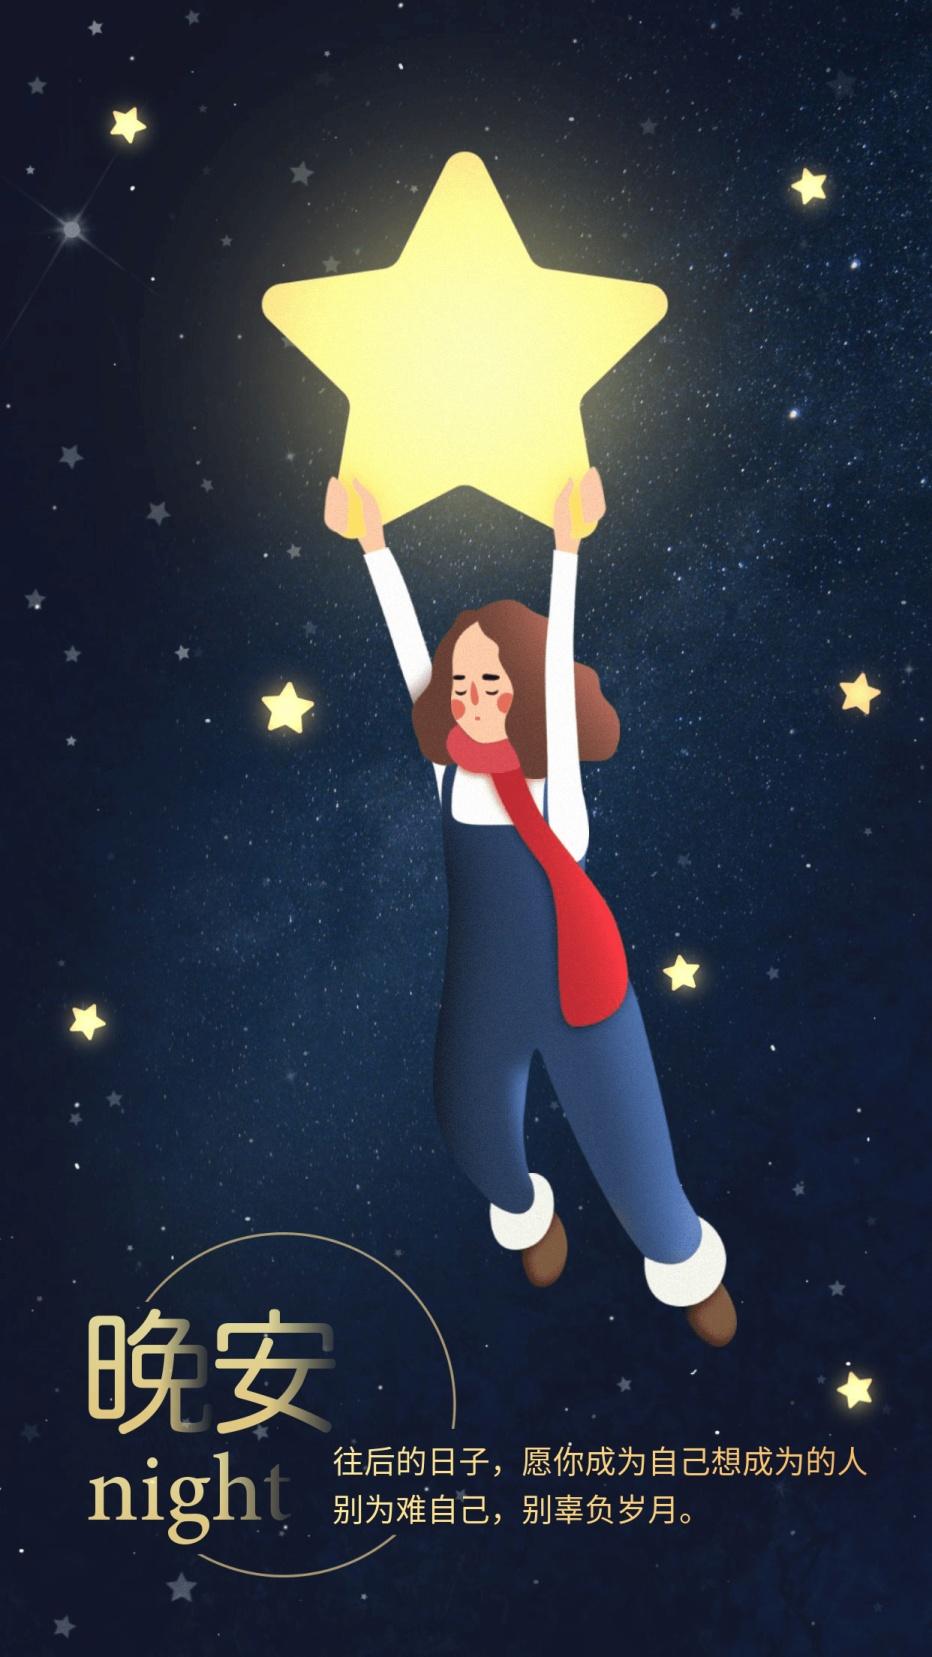 晚安插画风手机海报